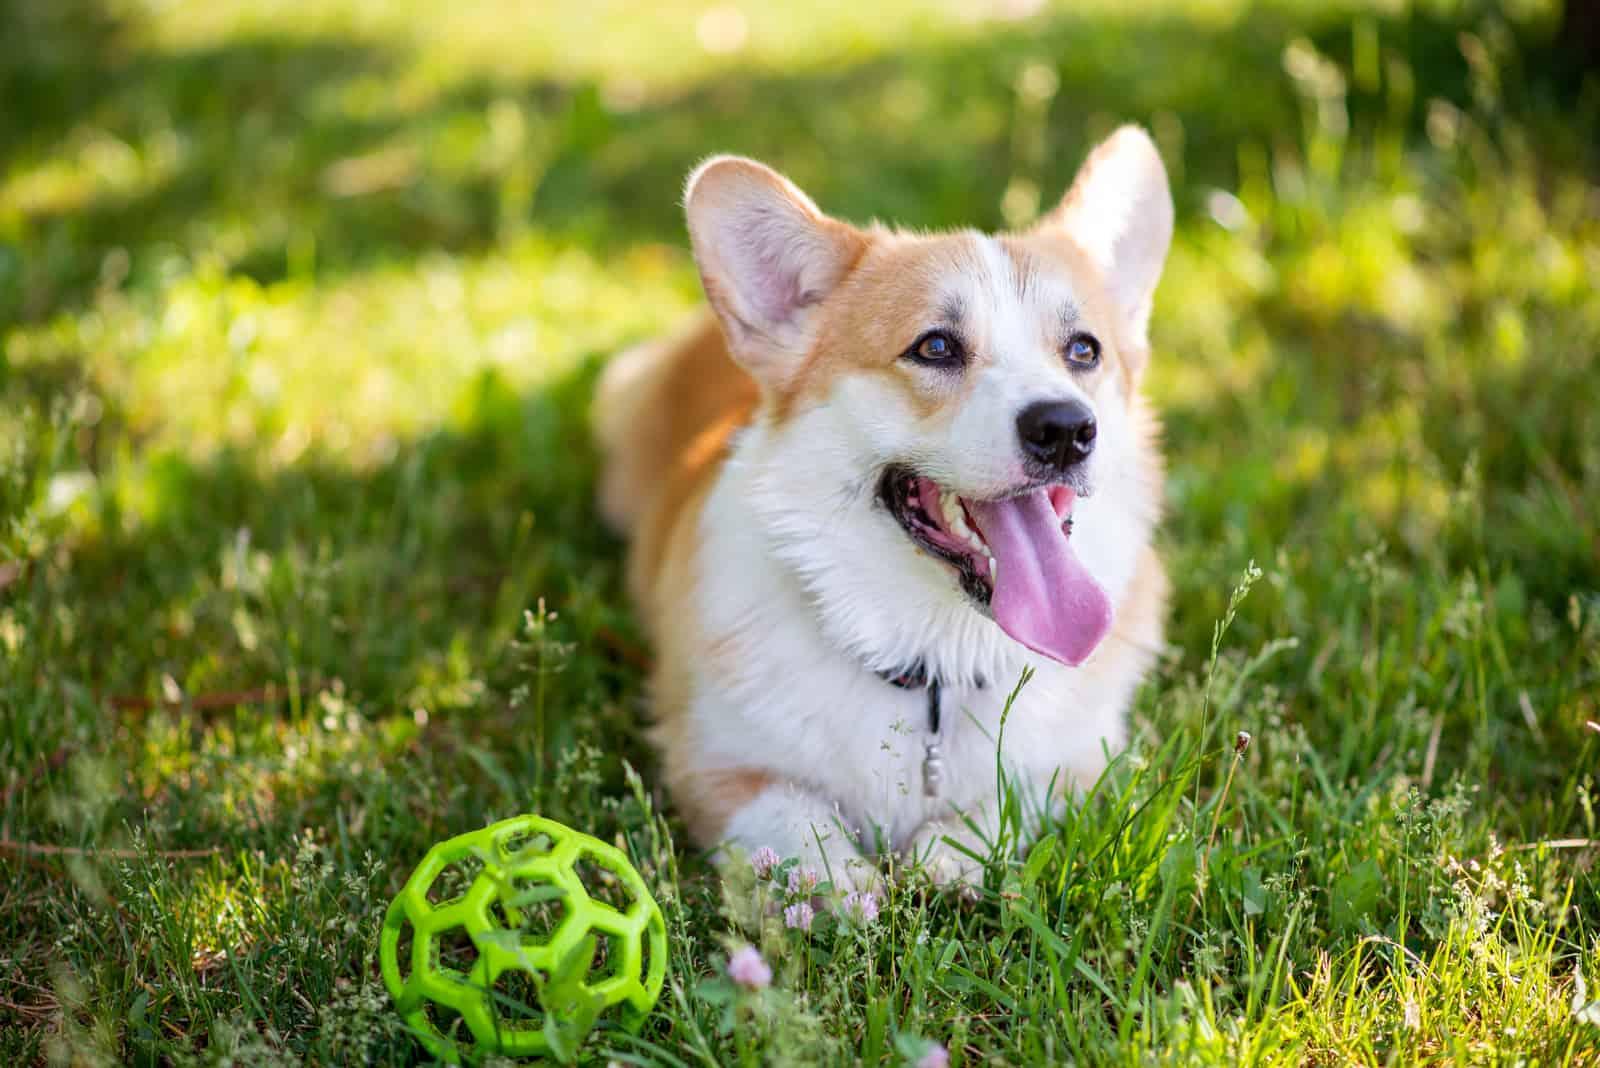 Corgi-Hund liegt mit einem Ball auf dem Rasen